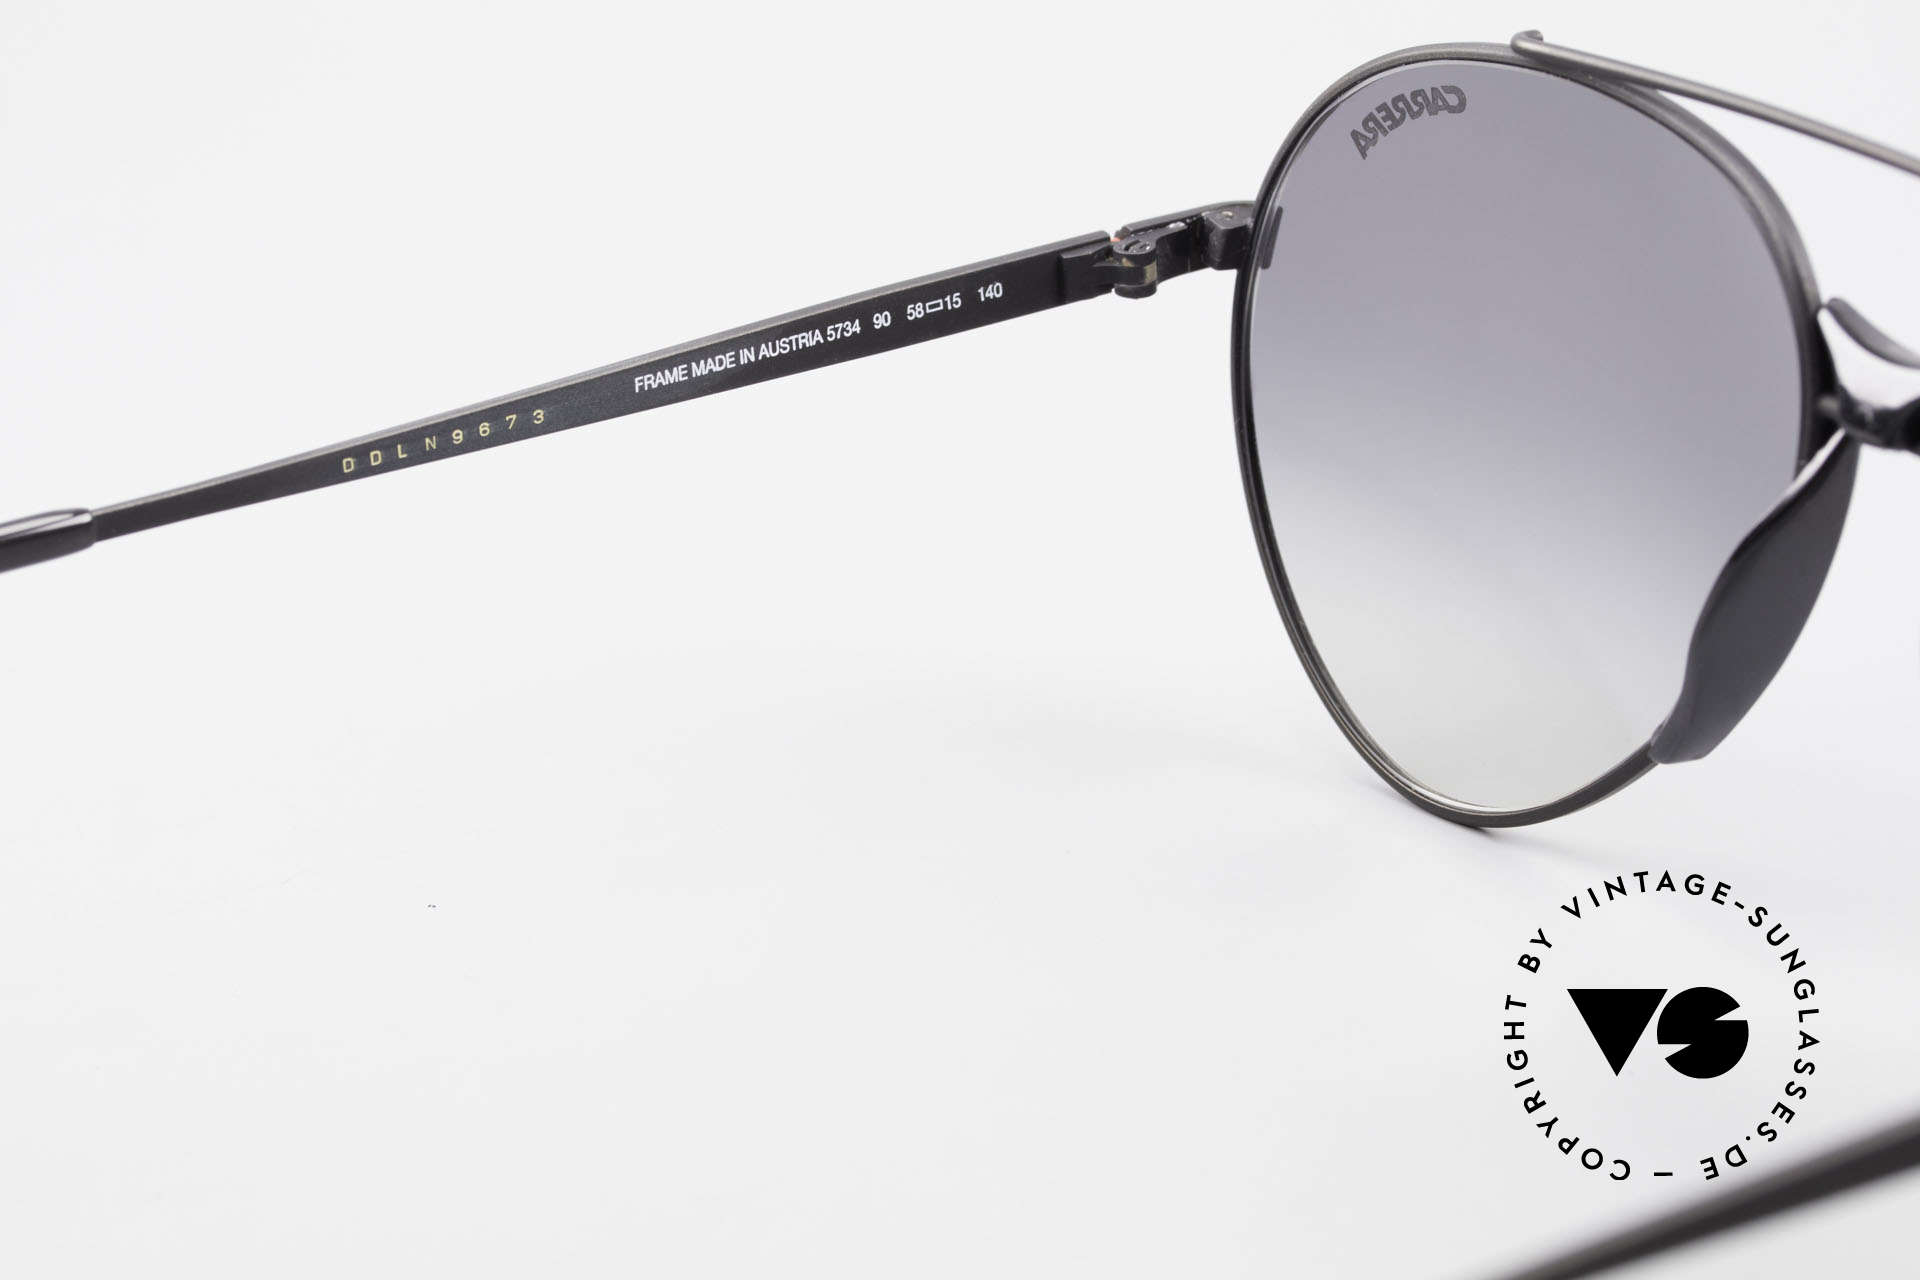 Boeing 5734 Alte Brille 80er Piloten Brille, ungetragen (wie alle unsere vintage BOEING Brillen), Passend für Herren und Damen